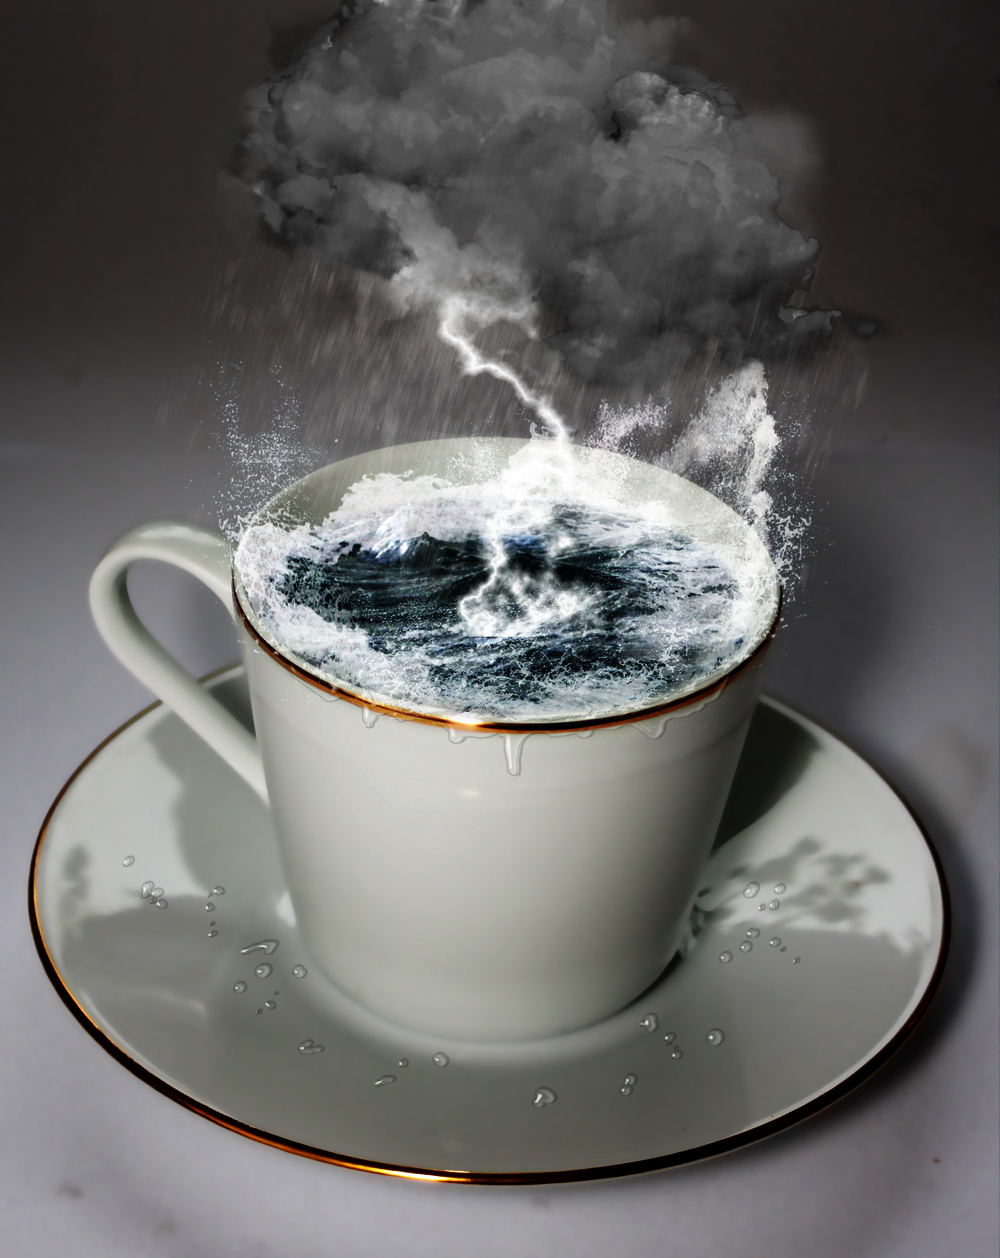 http://fc00.deviantart.net/fs71/f/2010/299/3/f/storm_in_a_teacup_by_kritter5x-d31kwvp.jpg